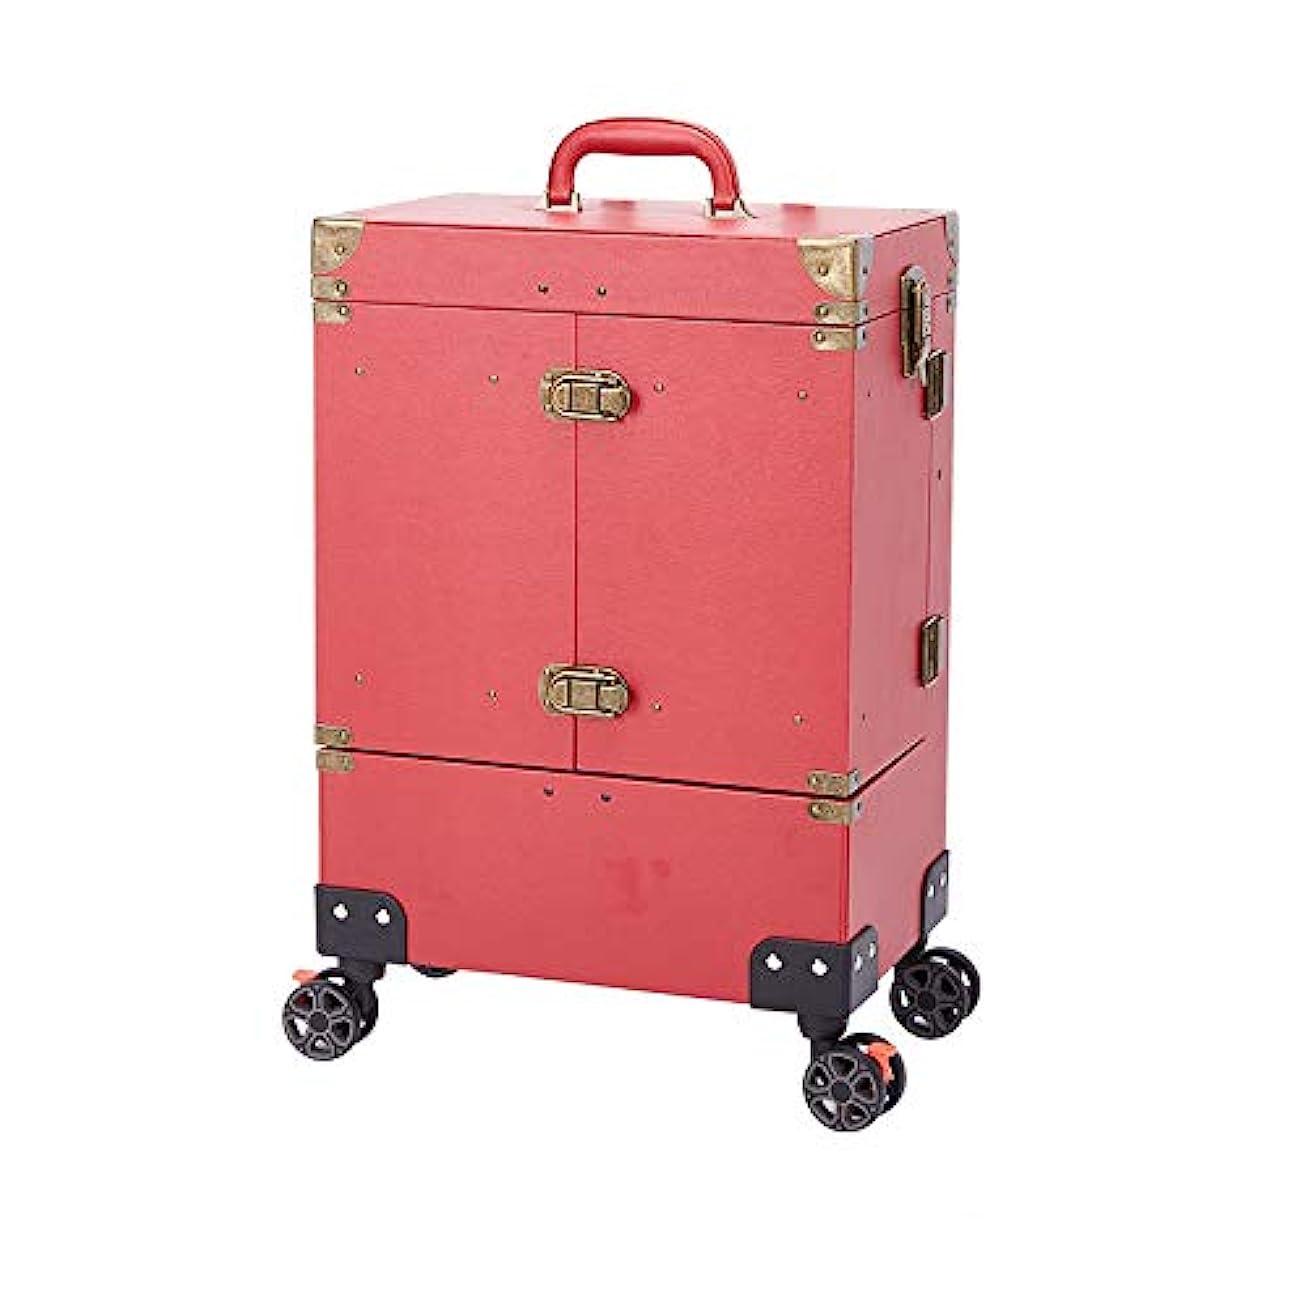 プロテスタントリマークシャンパンネイル化粧トロリーケース、大容量化粧箱ケース荷物ローリング、多層美容院タトゥートロリースーツケース,Red